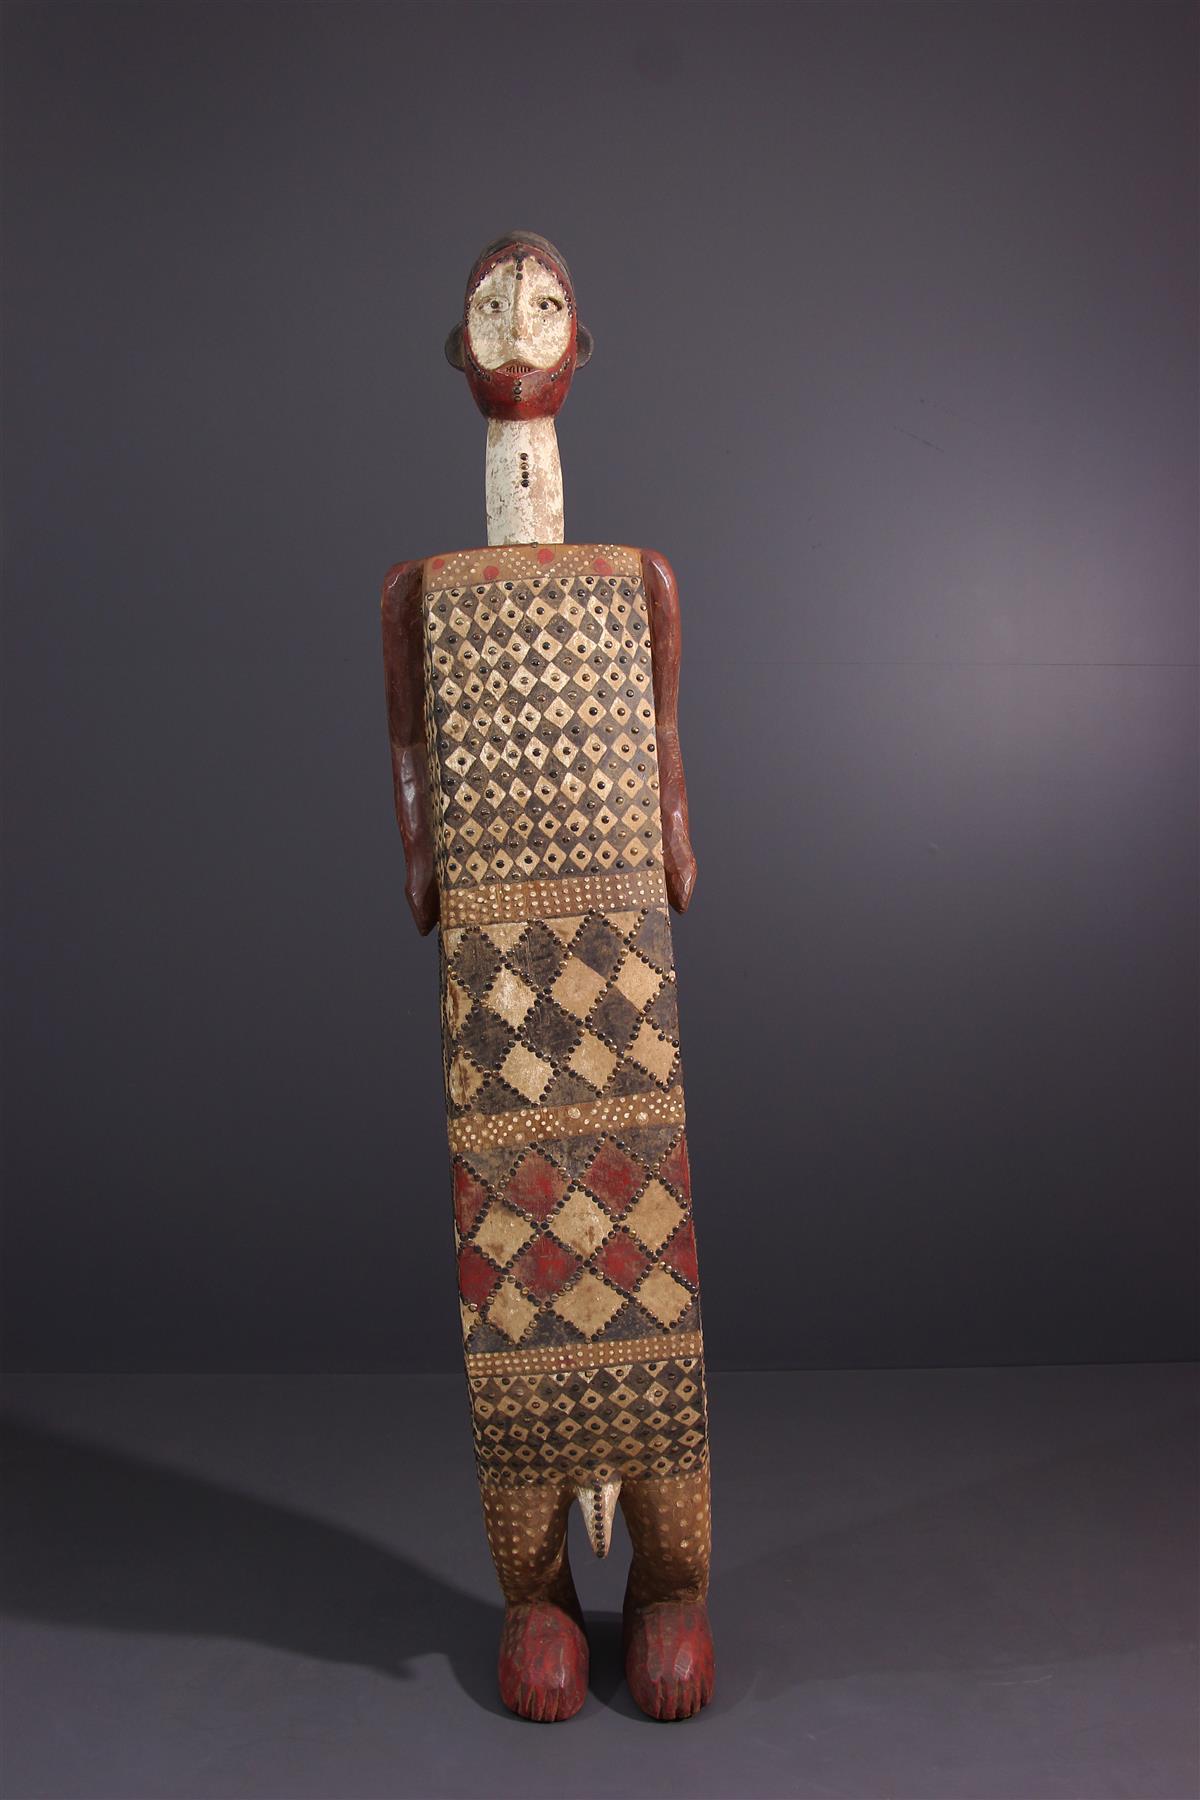 Ngata Reliquary - Tribal art